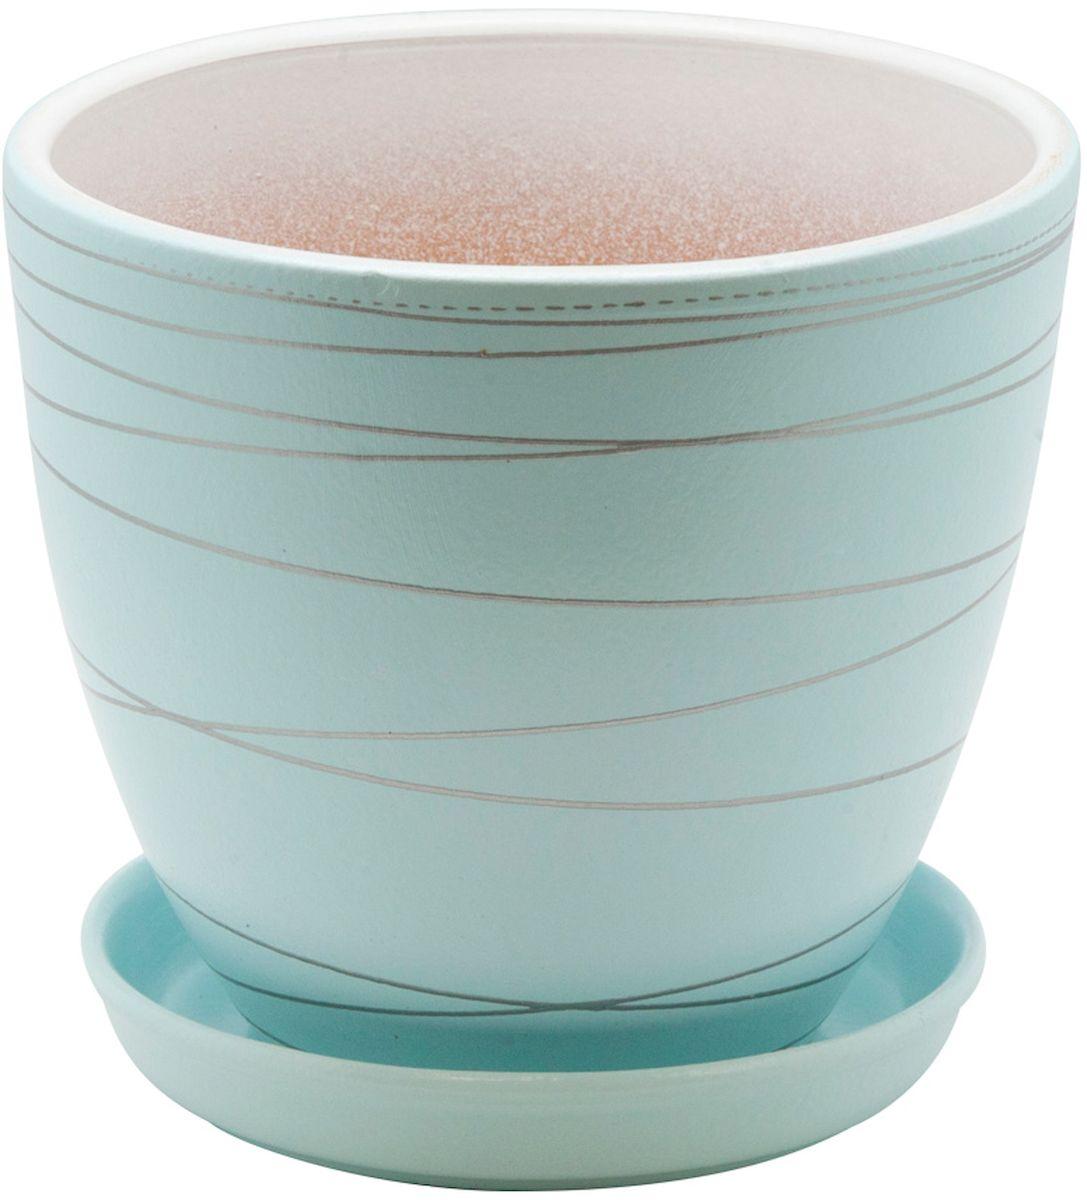 Горшок цветочный Engard, с поддоном, цвет: голубой, 1,05 л531-105Керамический горшок - это идеальное решение для выращивания комнатных растений и создания изысканности в интерьере. Керамический горшок сделан из высококачественной глины в классической форме и оригинальном дизайне.